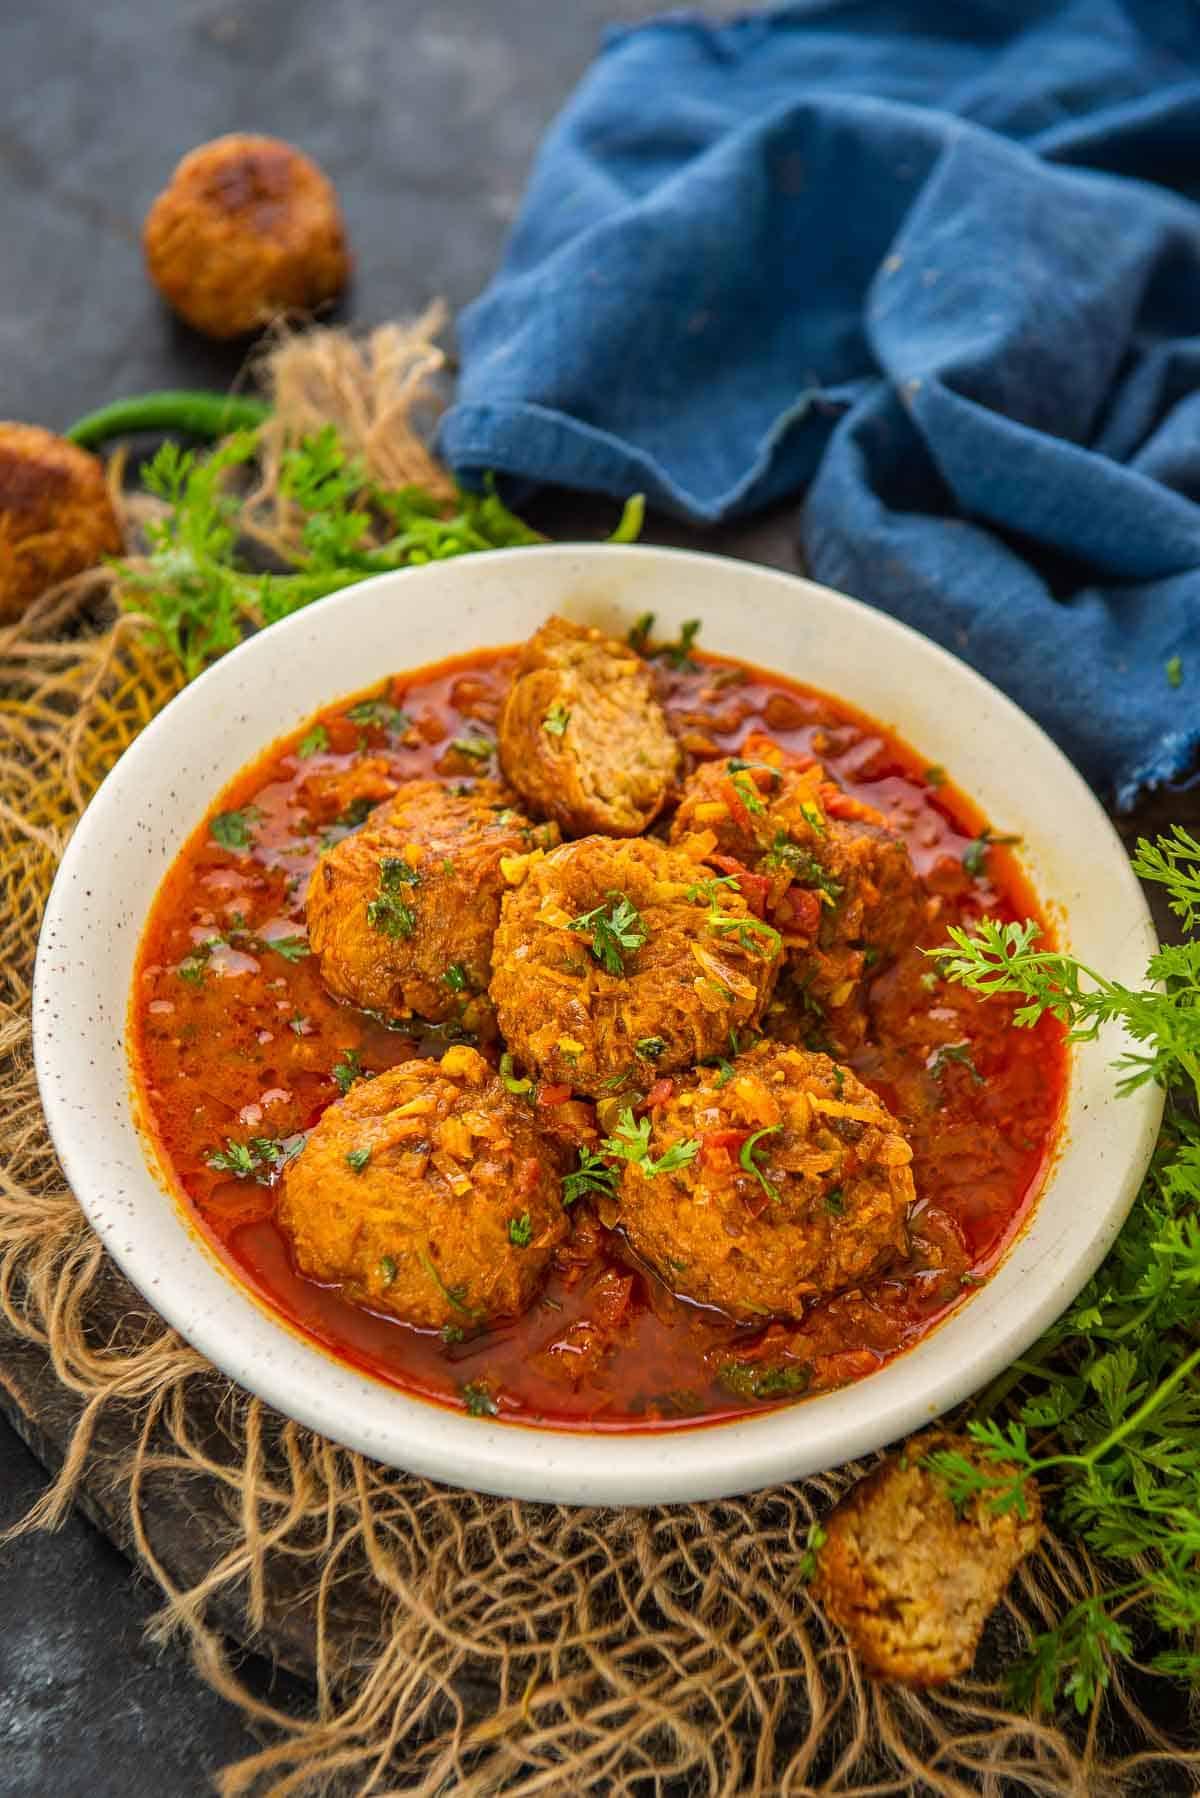 Lauki kofta served in a bowl.